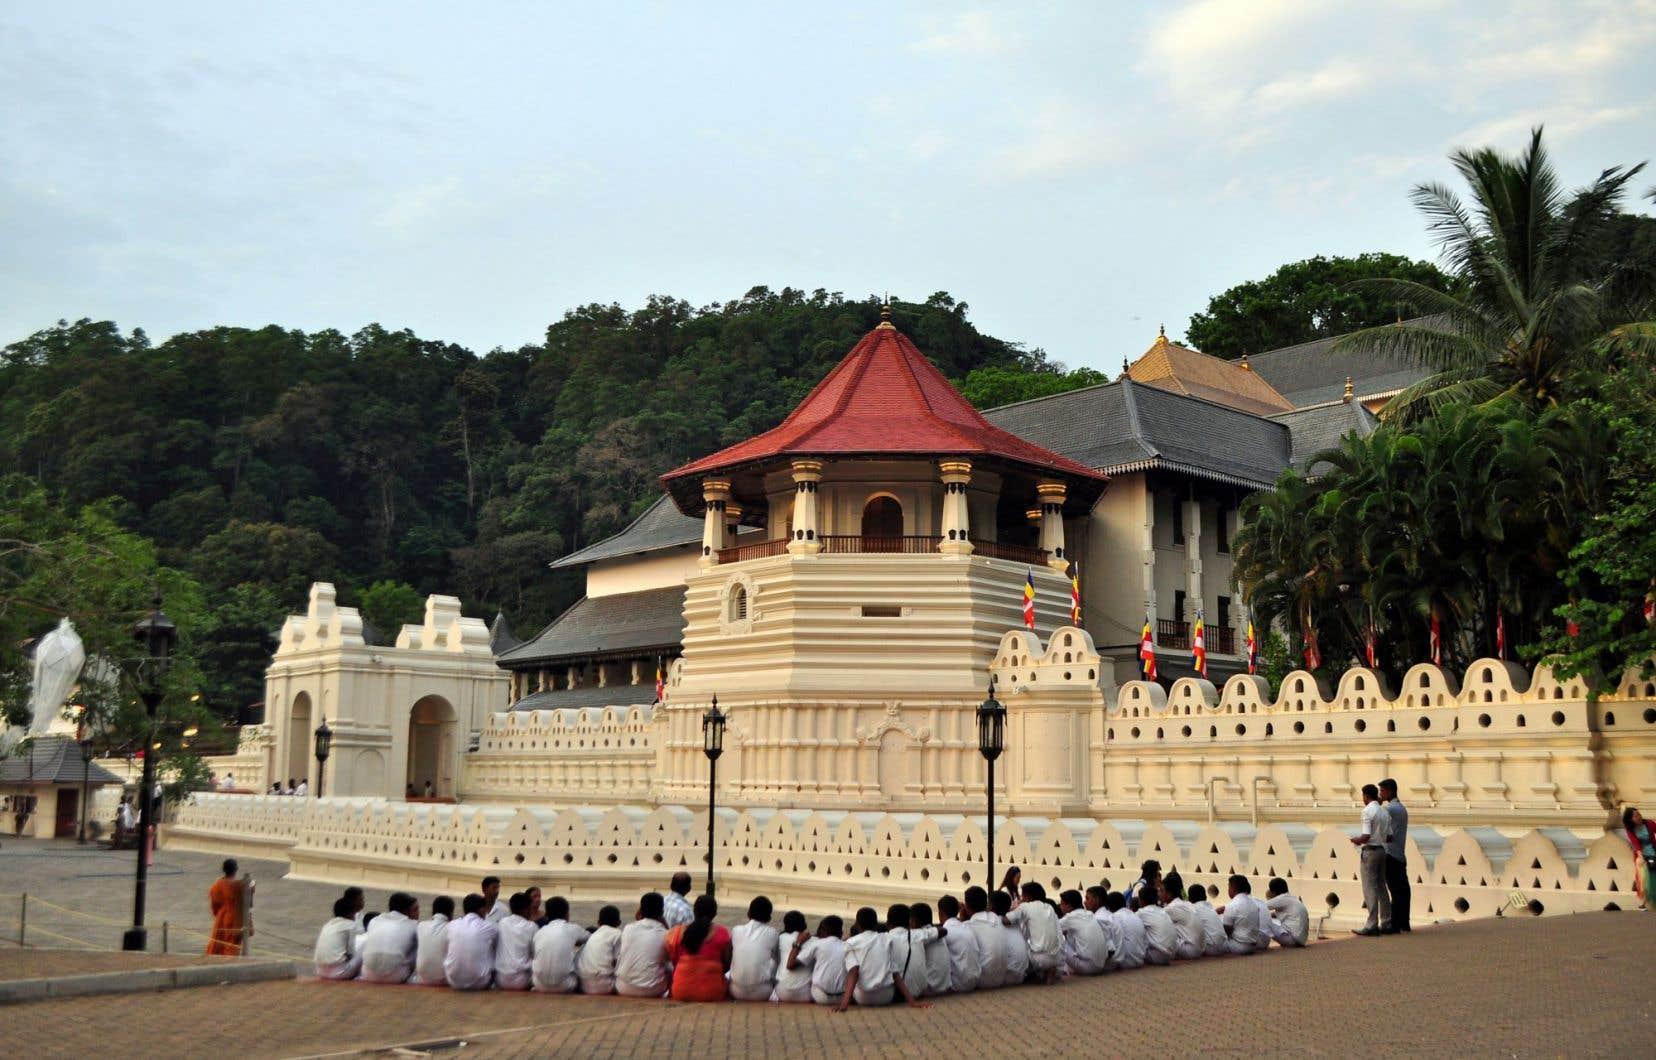 Alors que retentit la prière, au crépuscule, des élèves ont pris place devant le temple de la Dent, à Kandy, haut lieu du bouddhisme au Sri Lanka.